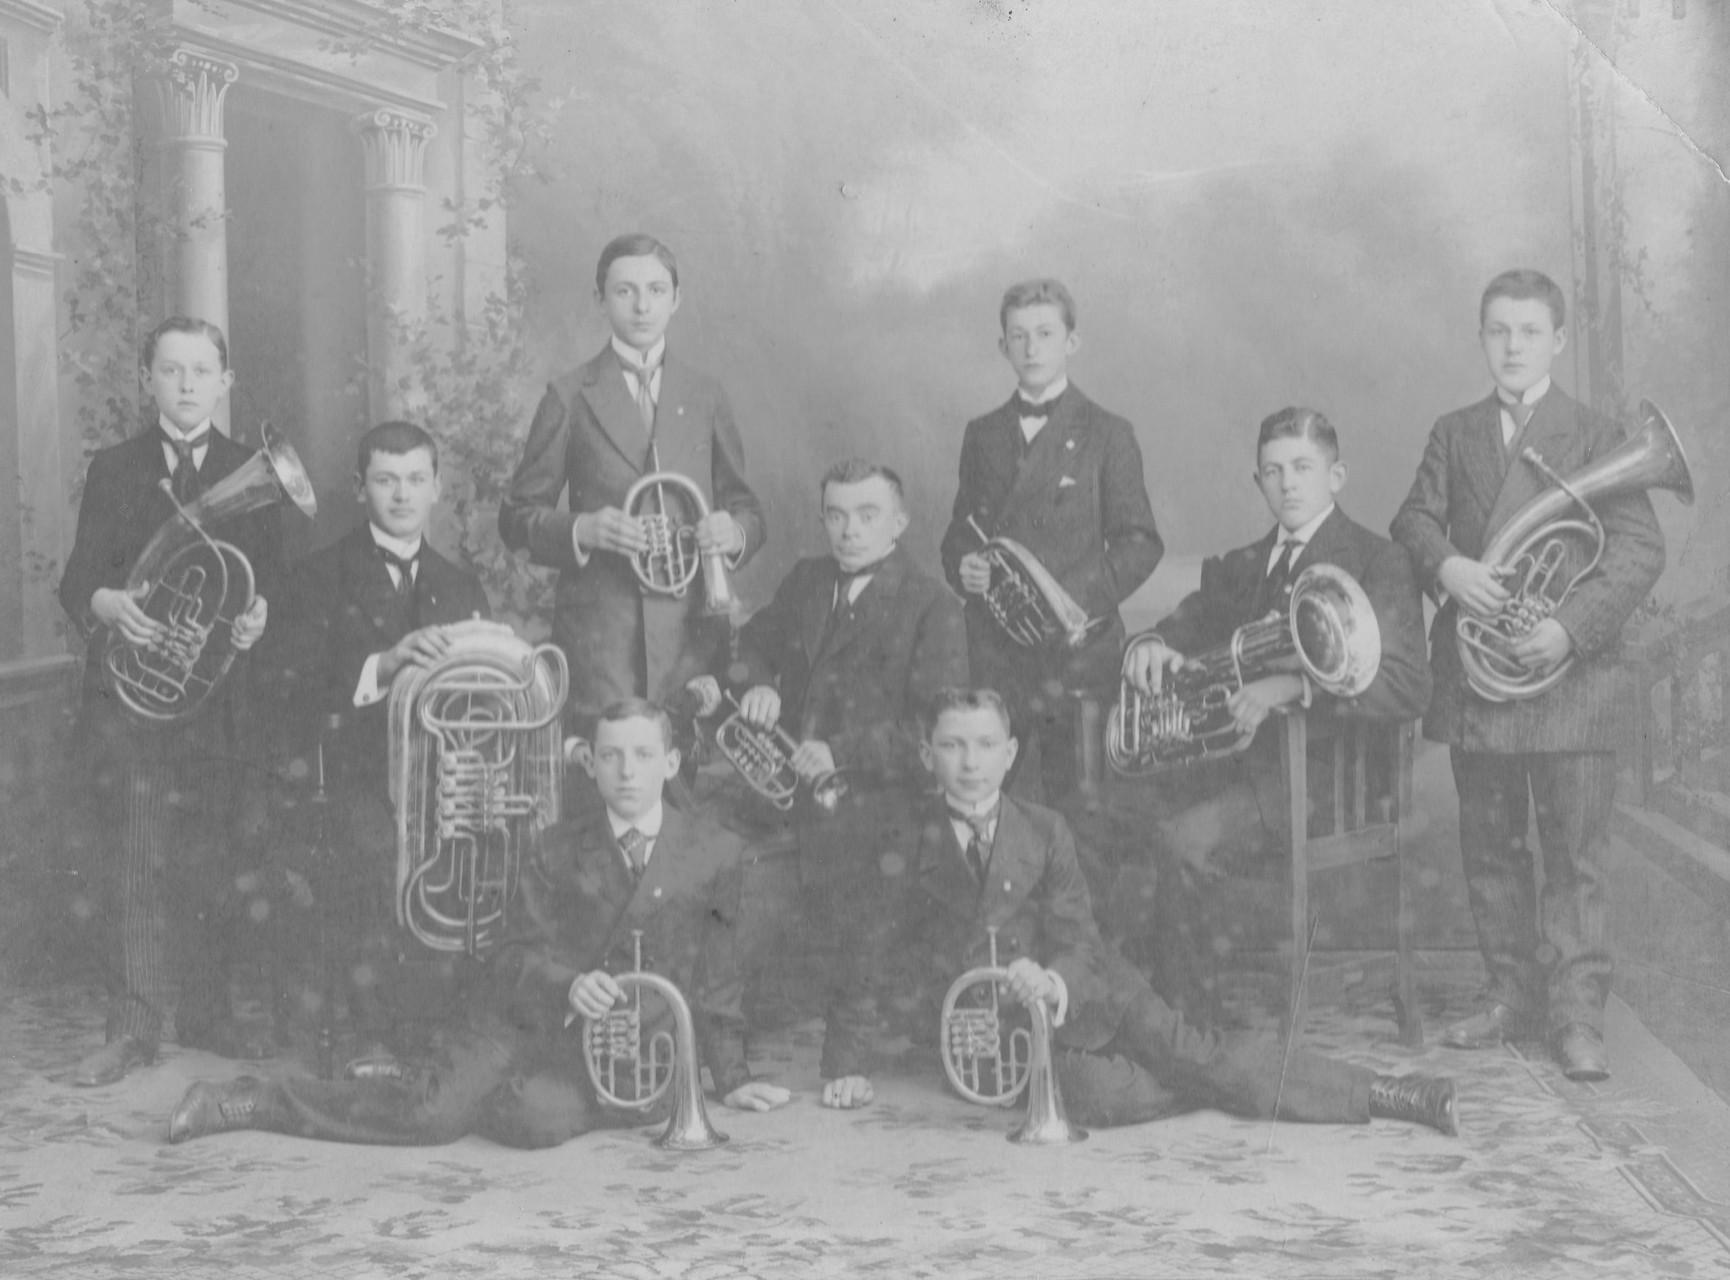 1913: Gründung des Posaunenchores - einer der ersten evangelischen Bläserchöre in Sachsen. - Das Ensemble war allerdings nur einige Monate in der Gemeinde aktiv, dann verließen der Chorleiter und einige der Bläser den Ort.